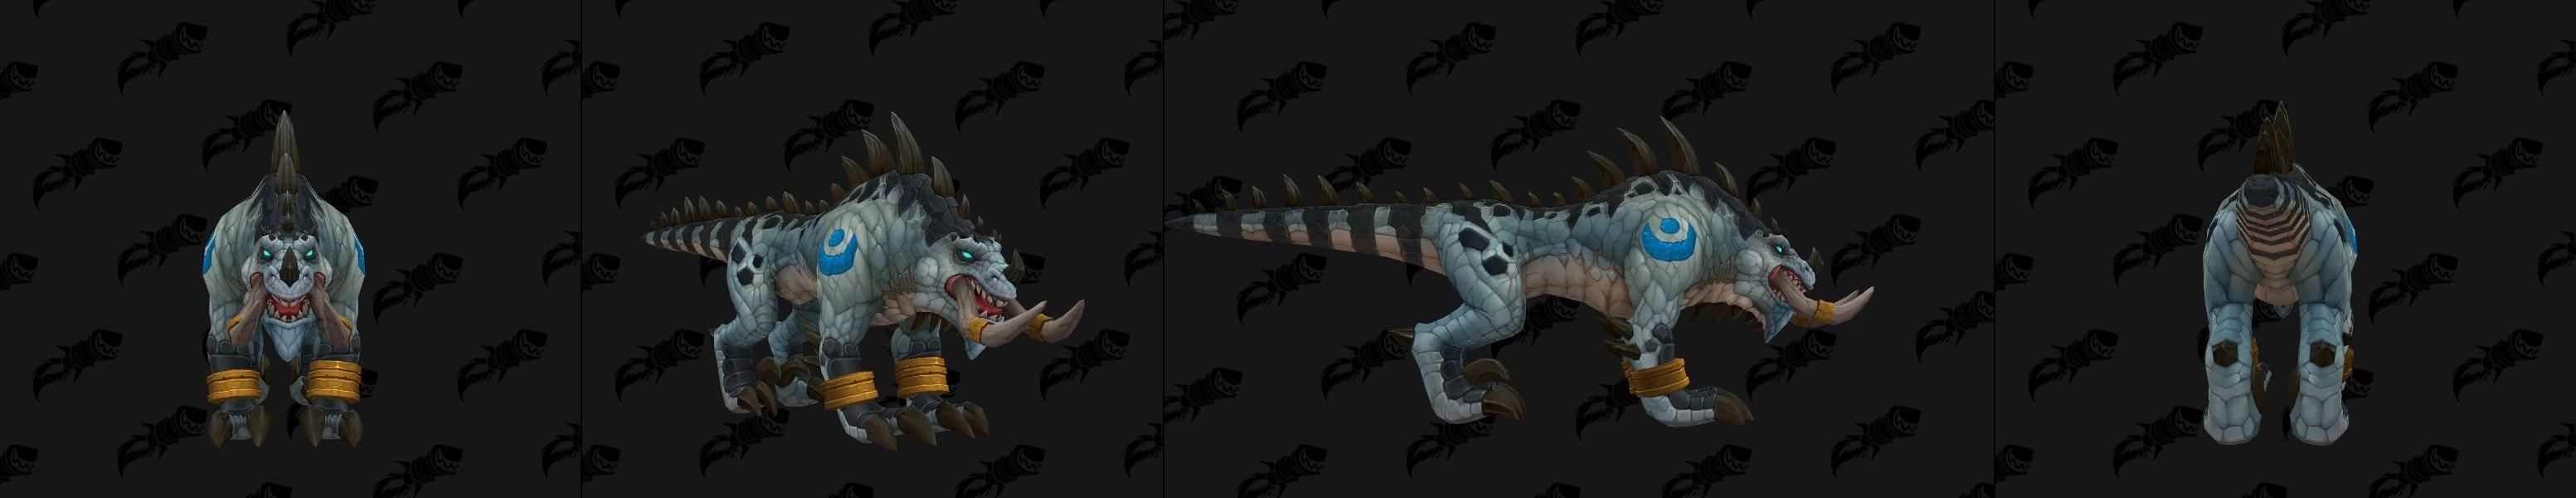 Forme de félin pour le Troll zandalari à Battle for Azeroth coloris blanc